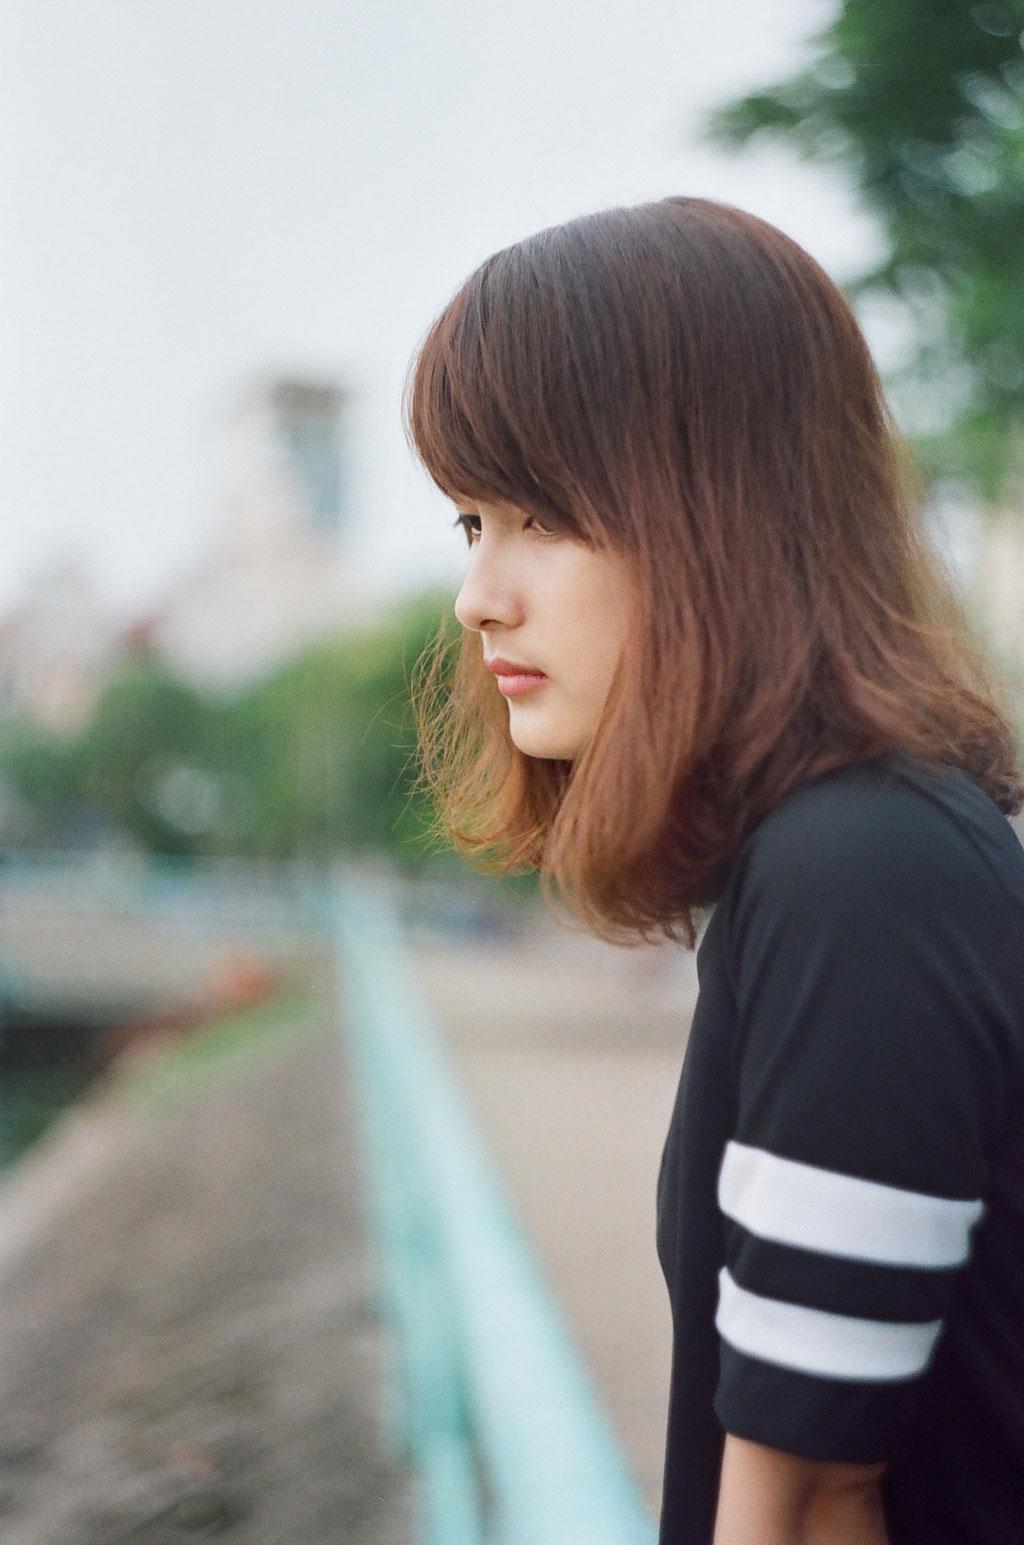 Phan Sơn Tùng